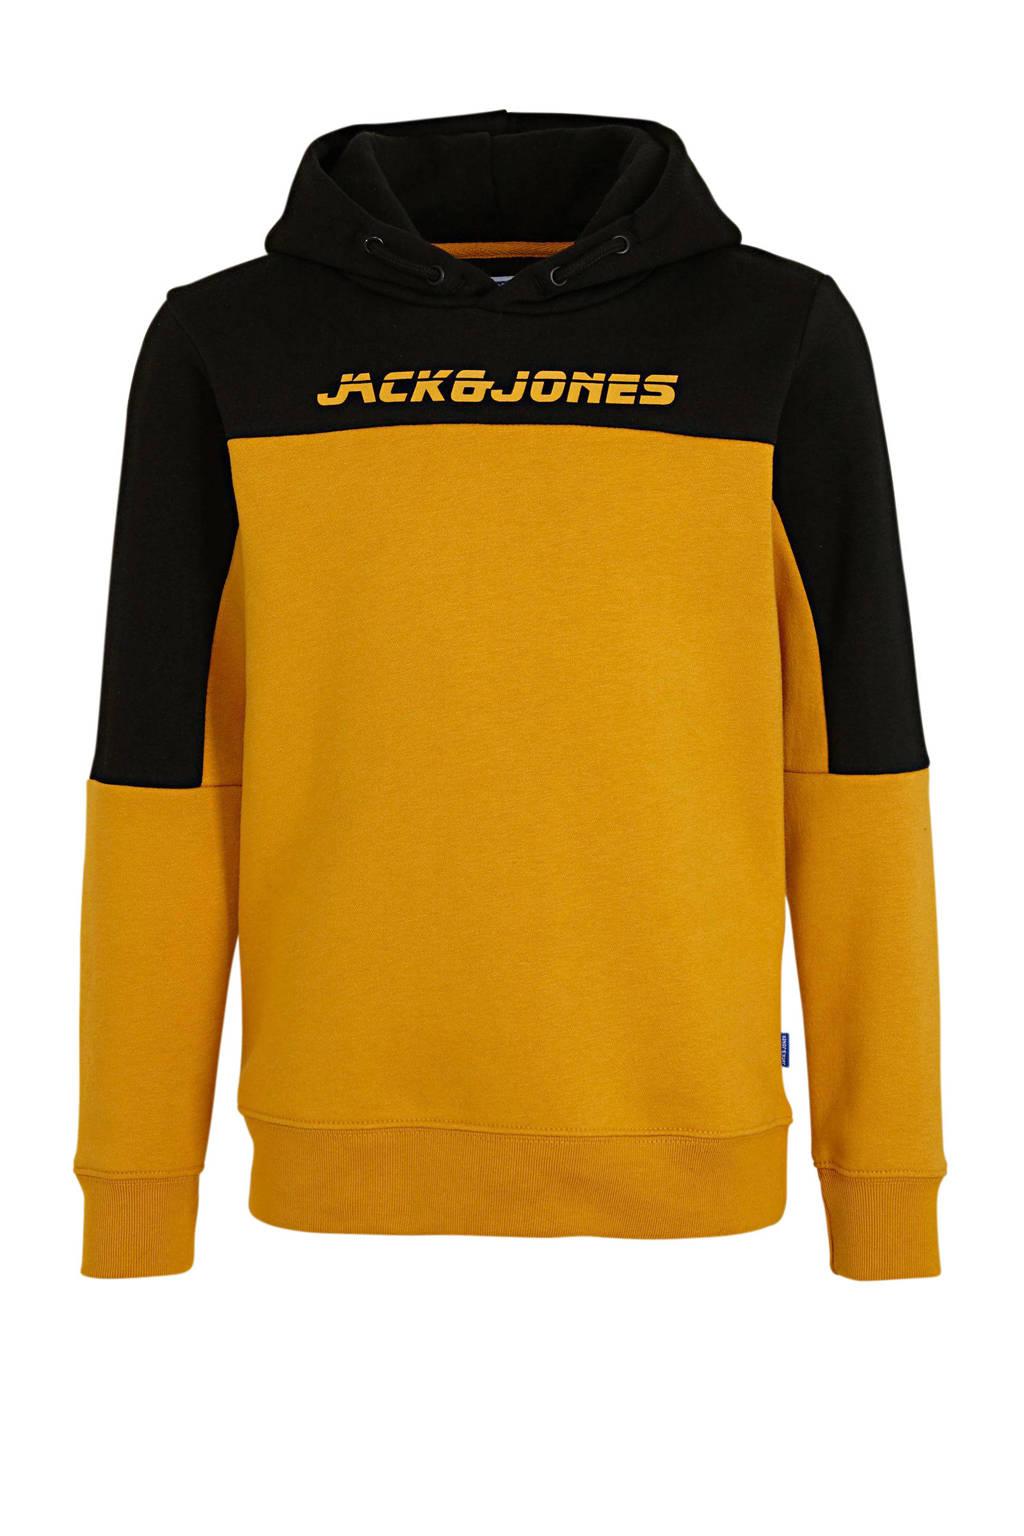 JACK & JONES JUNIOR hoodie Asher met logo geel/zwart, Geel/zwart